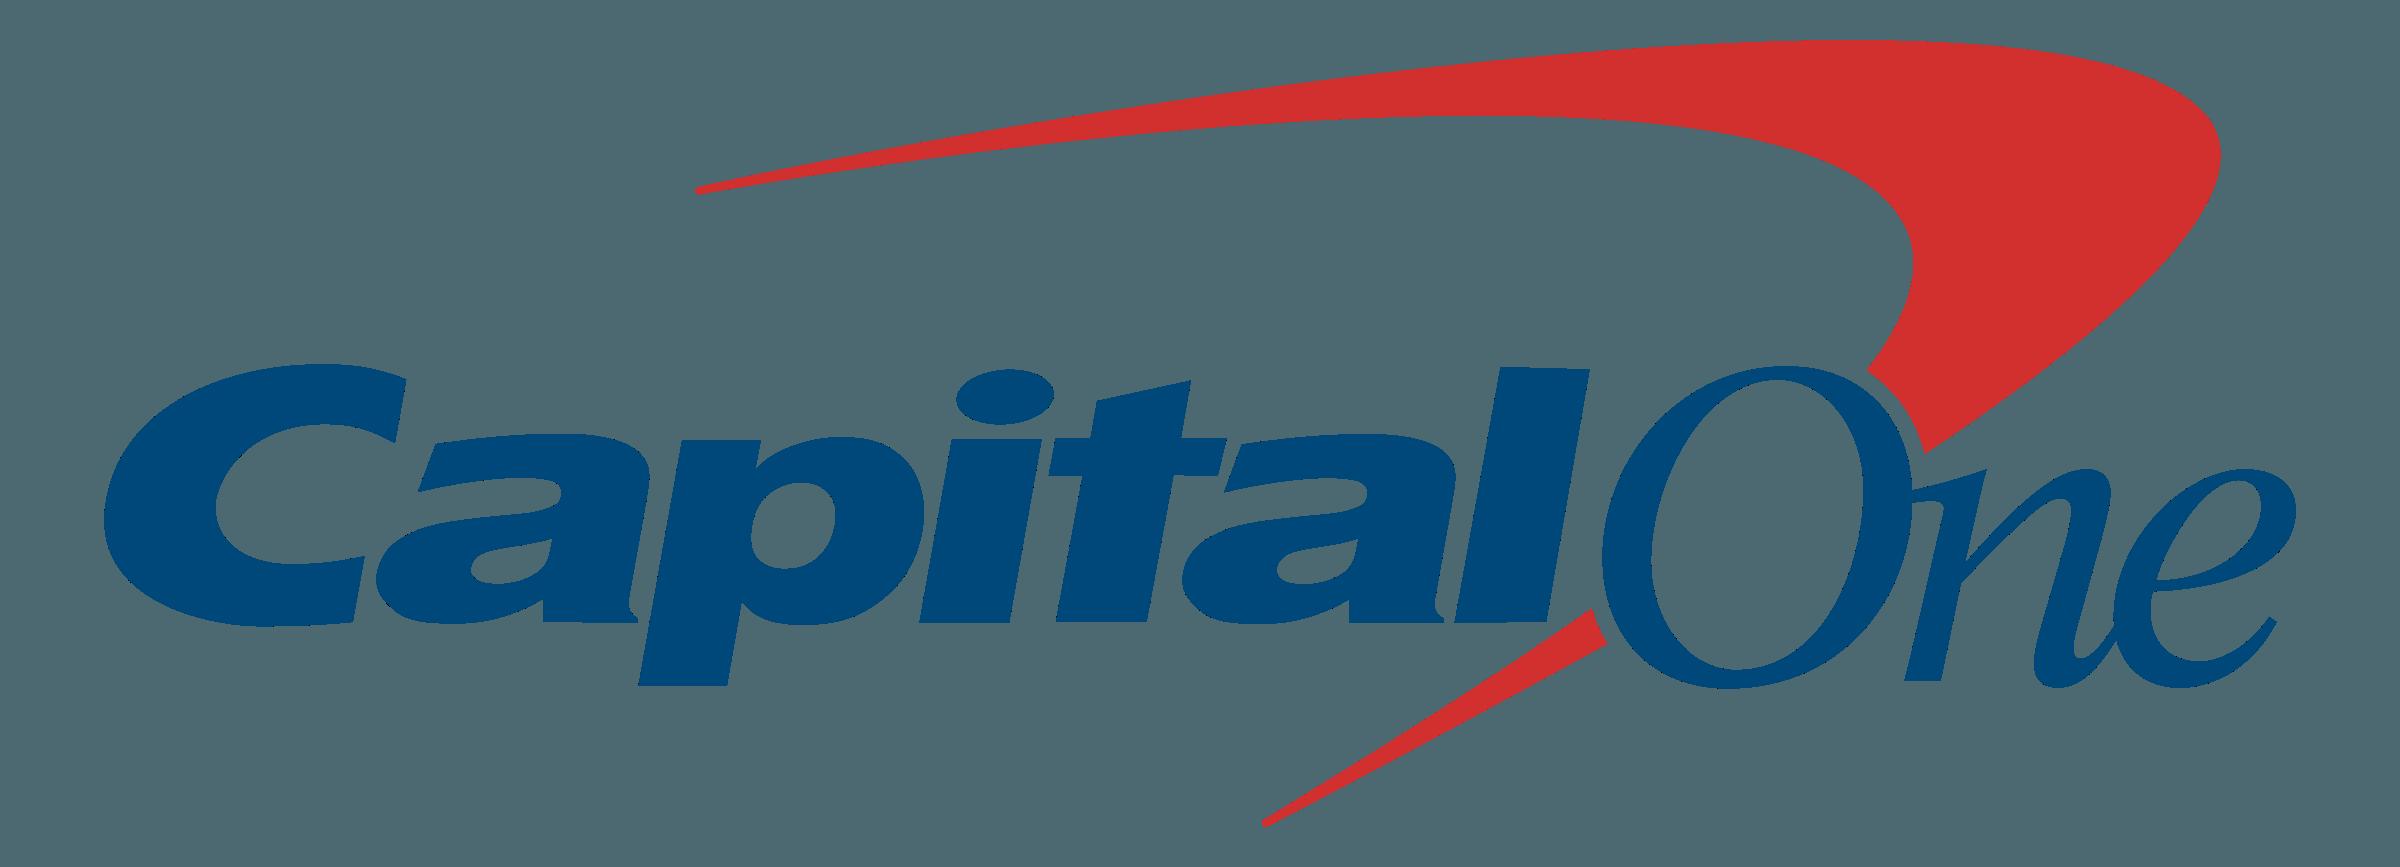 Capital One, an NCOA partner